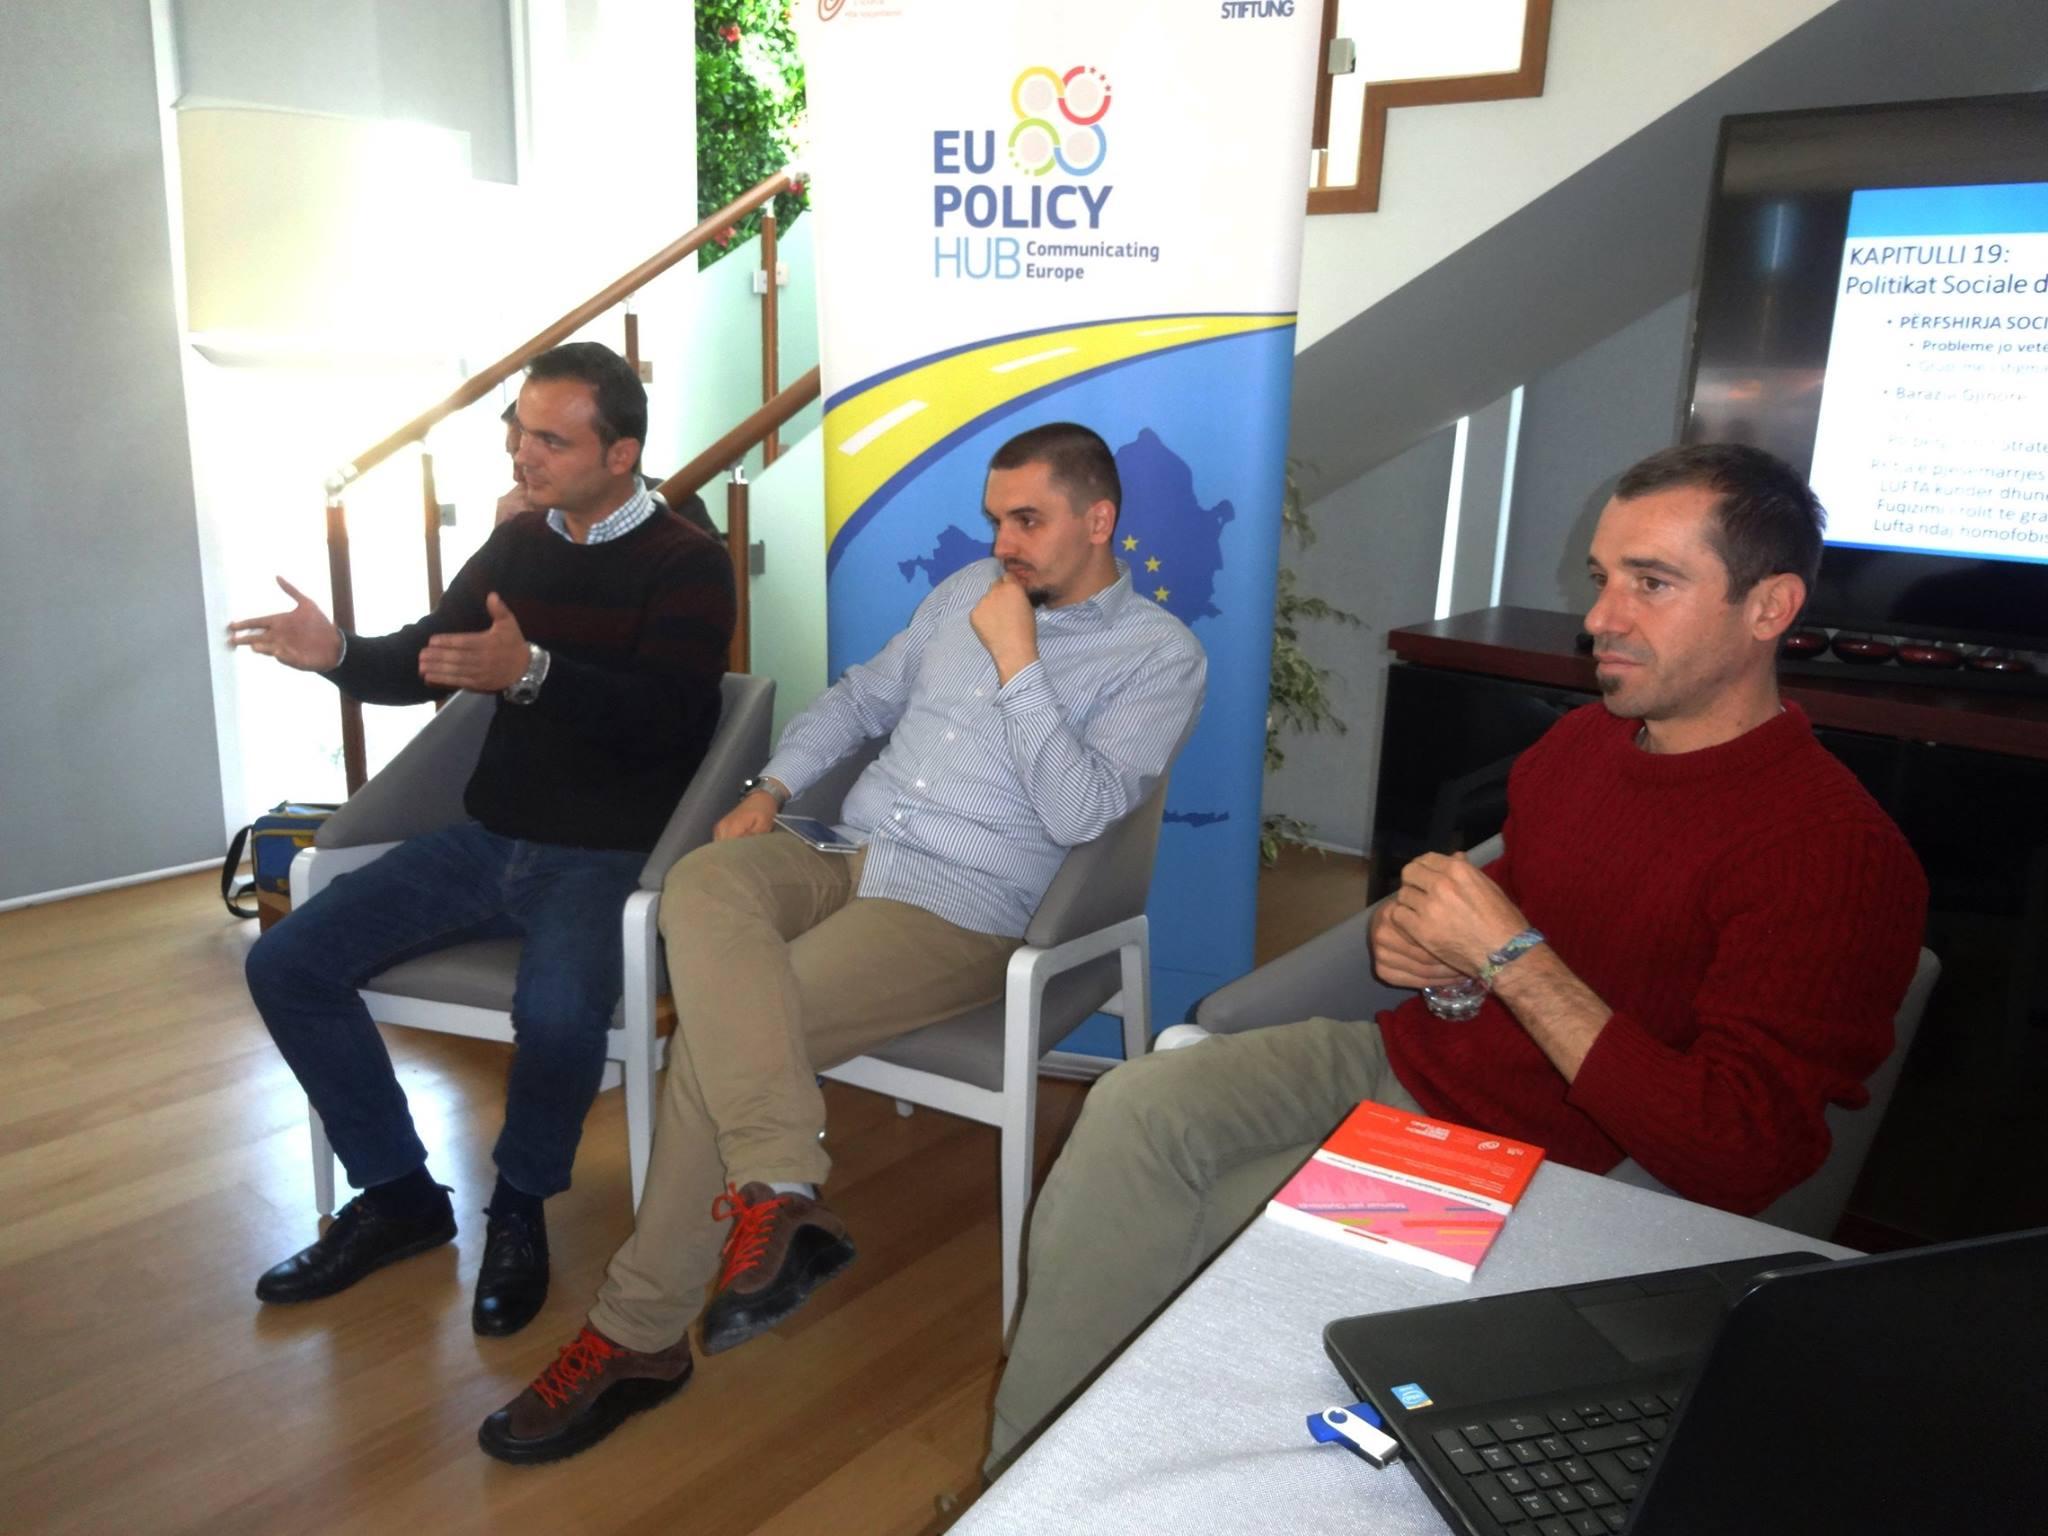 Inxhinieri i mjedisit, Mirjan Topi dhe dy anetaret e EU Policy Hub, Armando Memushi dhe Besnik Baka